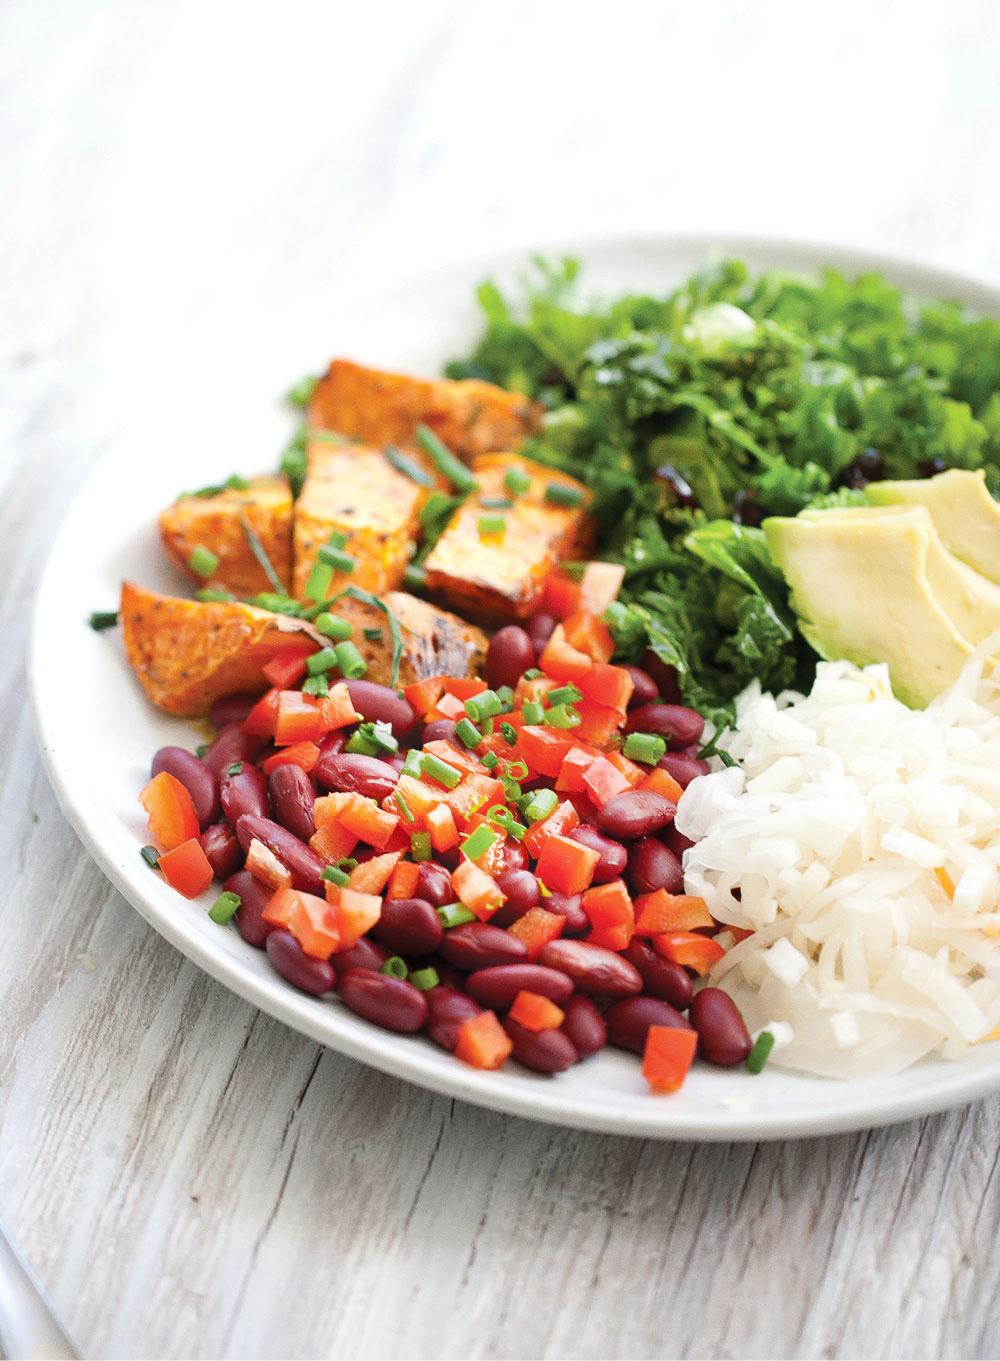 Pure-Ella-Black-Olive-Raisin-Kale-Salad-3